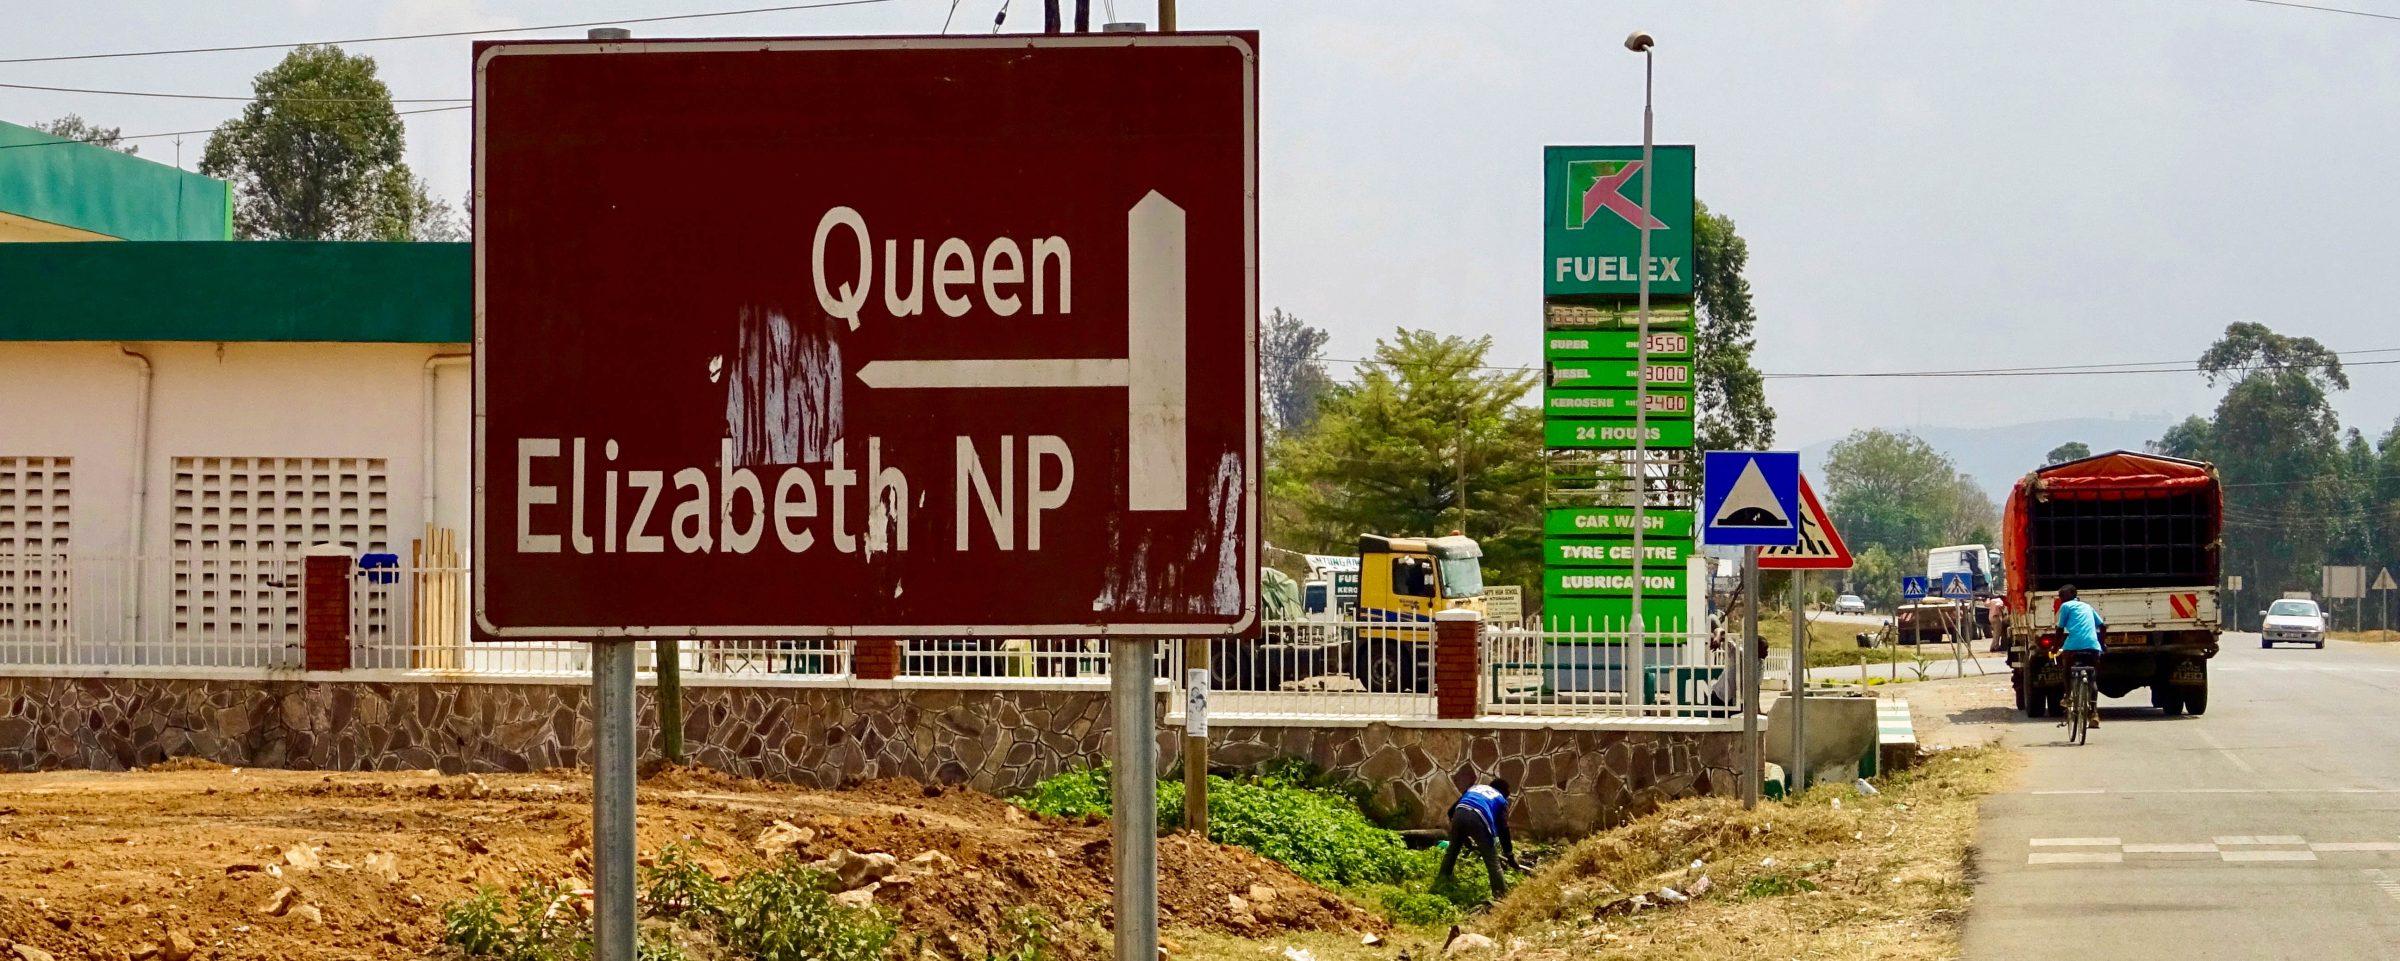 De afslag richting Queen Elizabeth NP